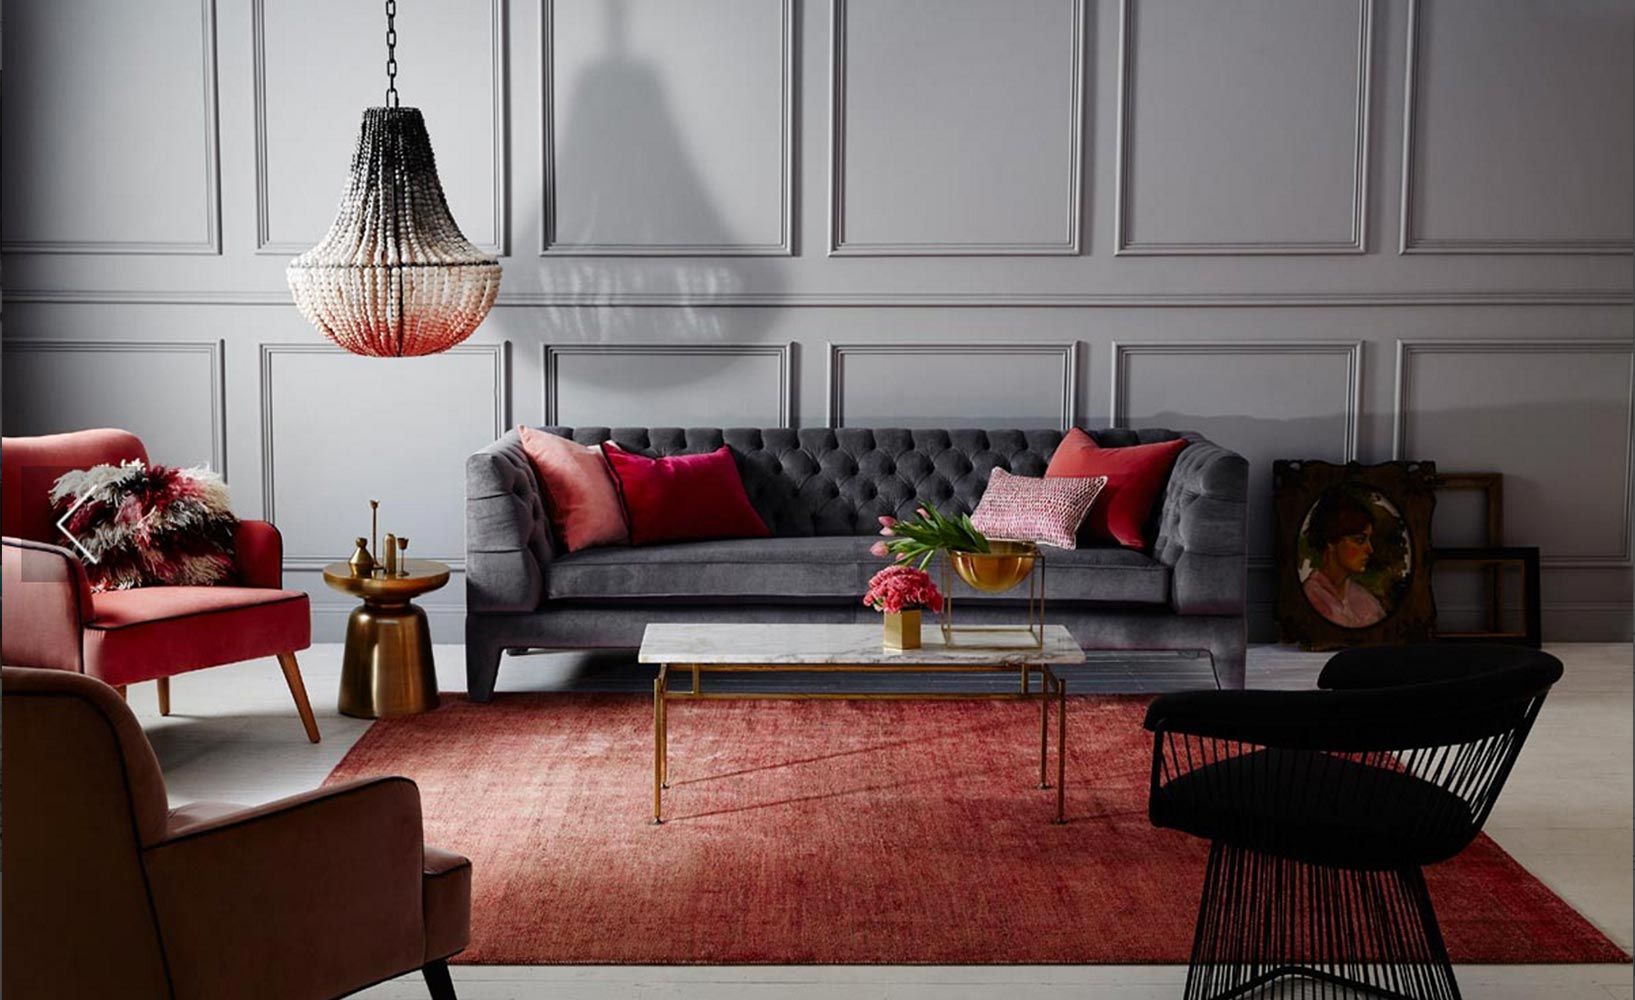 die ideale beleuchtung im wohnzimmer. Black Bedroom Furniture Sets. Home Design Ideas